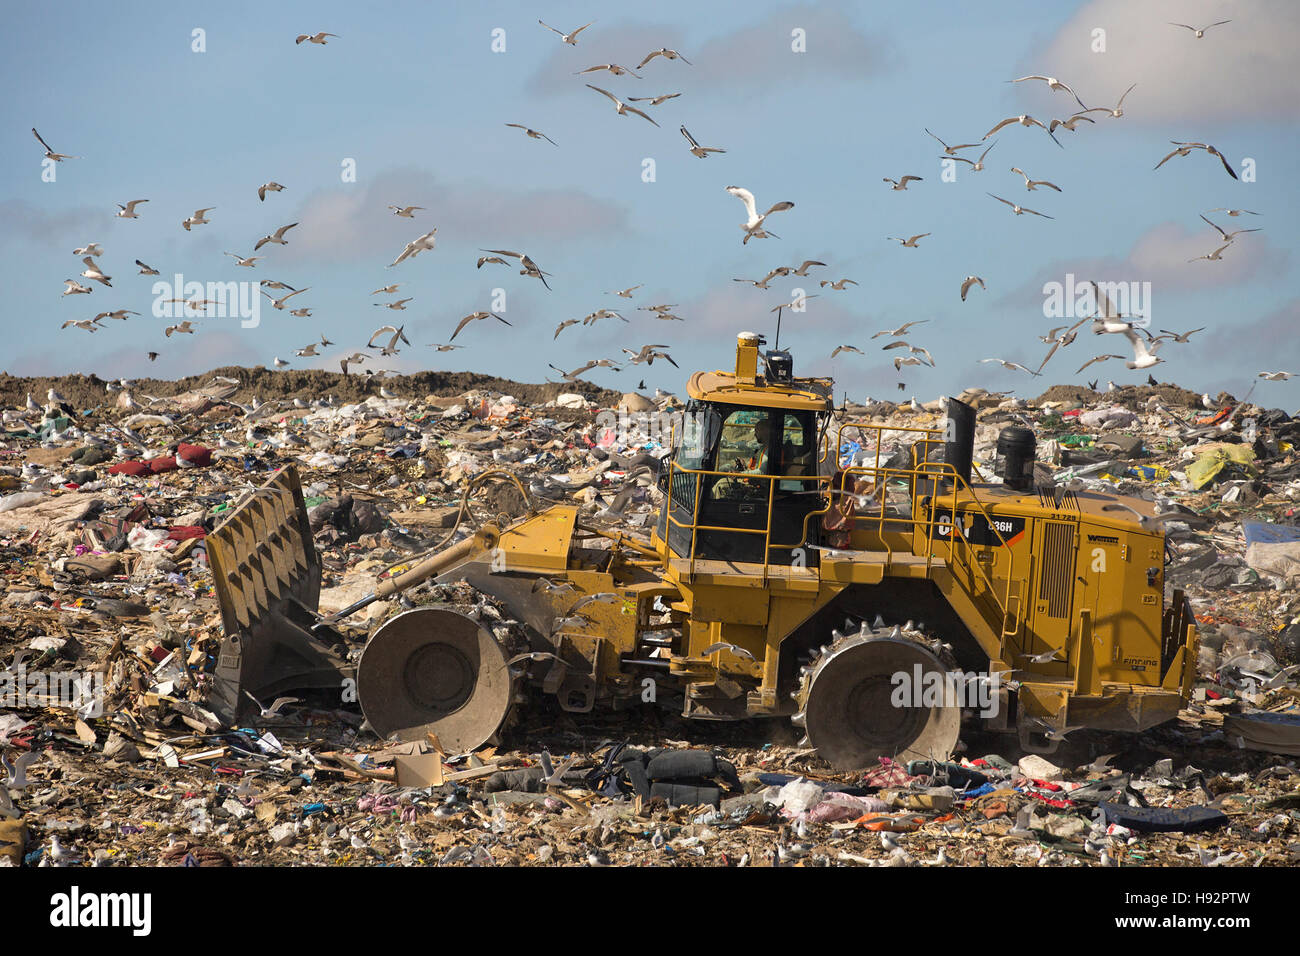 Trashmaster déménagement des ordures dans une cellule d'enfouissement active à l'installation Photo Stock